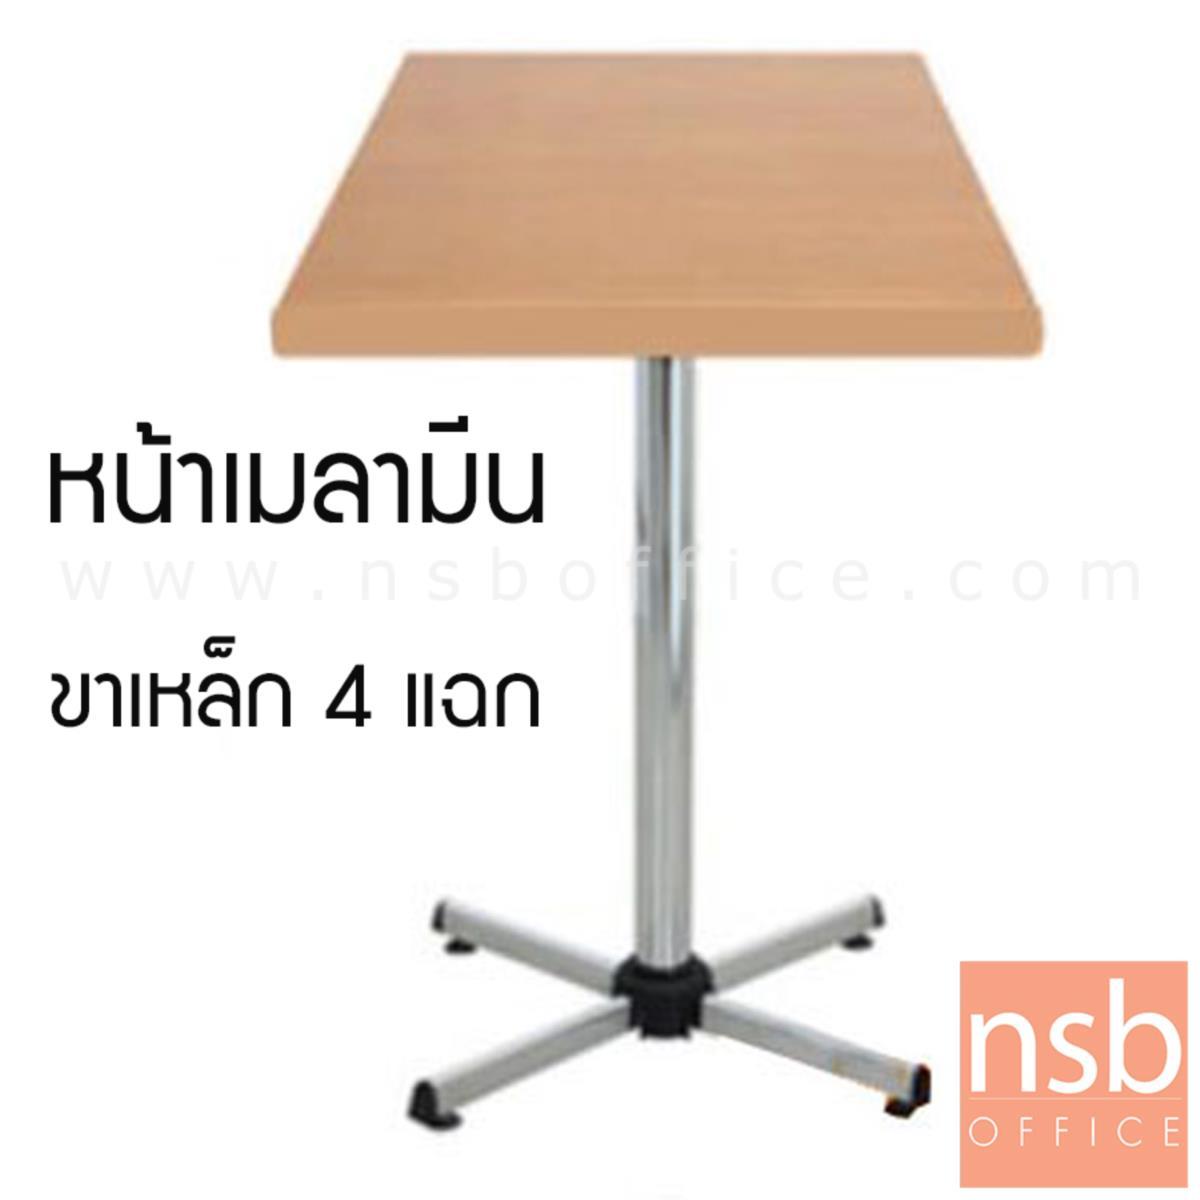 A07A037:โต๊ะหน้าเมลามีน 25 มม. รุ่น Tales (เทลส์) ขนาด 60W ,75W ,60Di ,75Di cm.  ขาเหล็ก 4 แฉกโครเมี่ยม